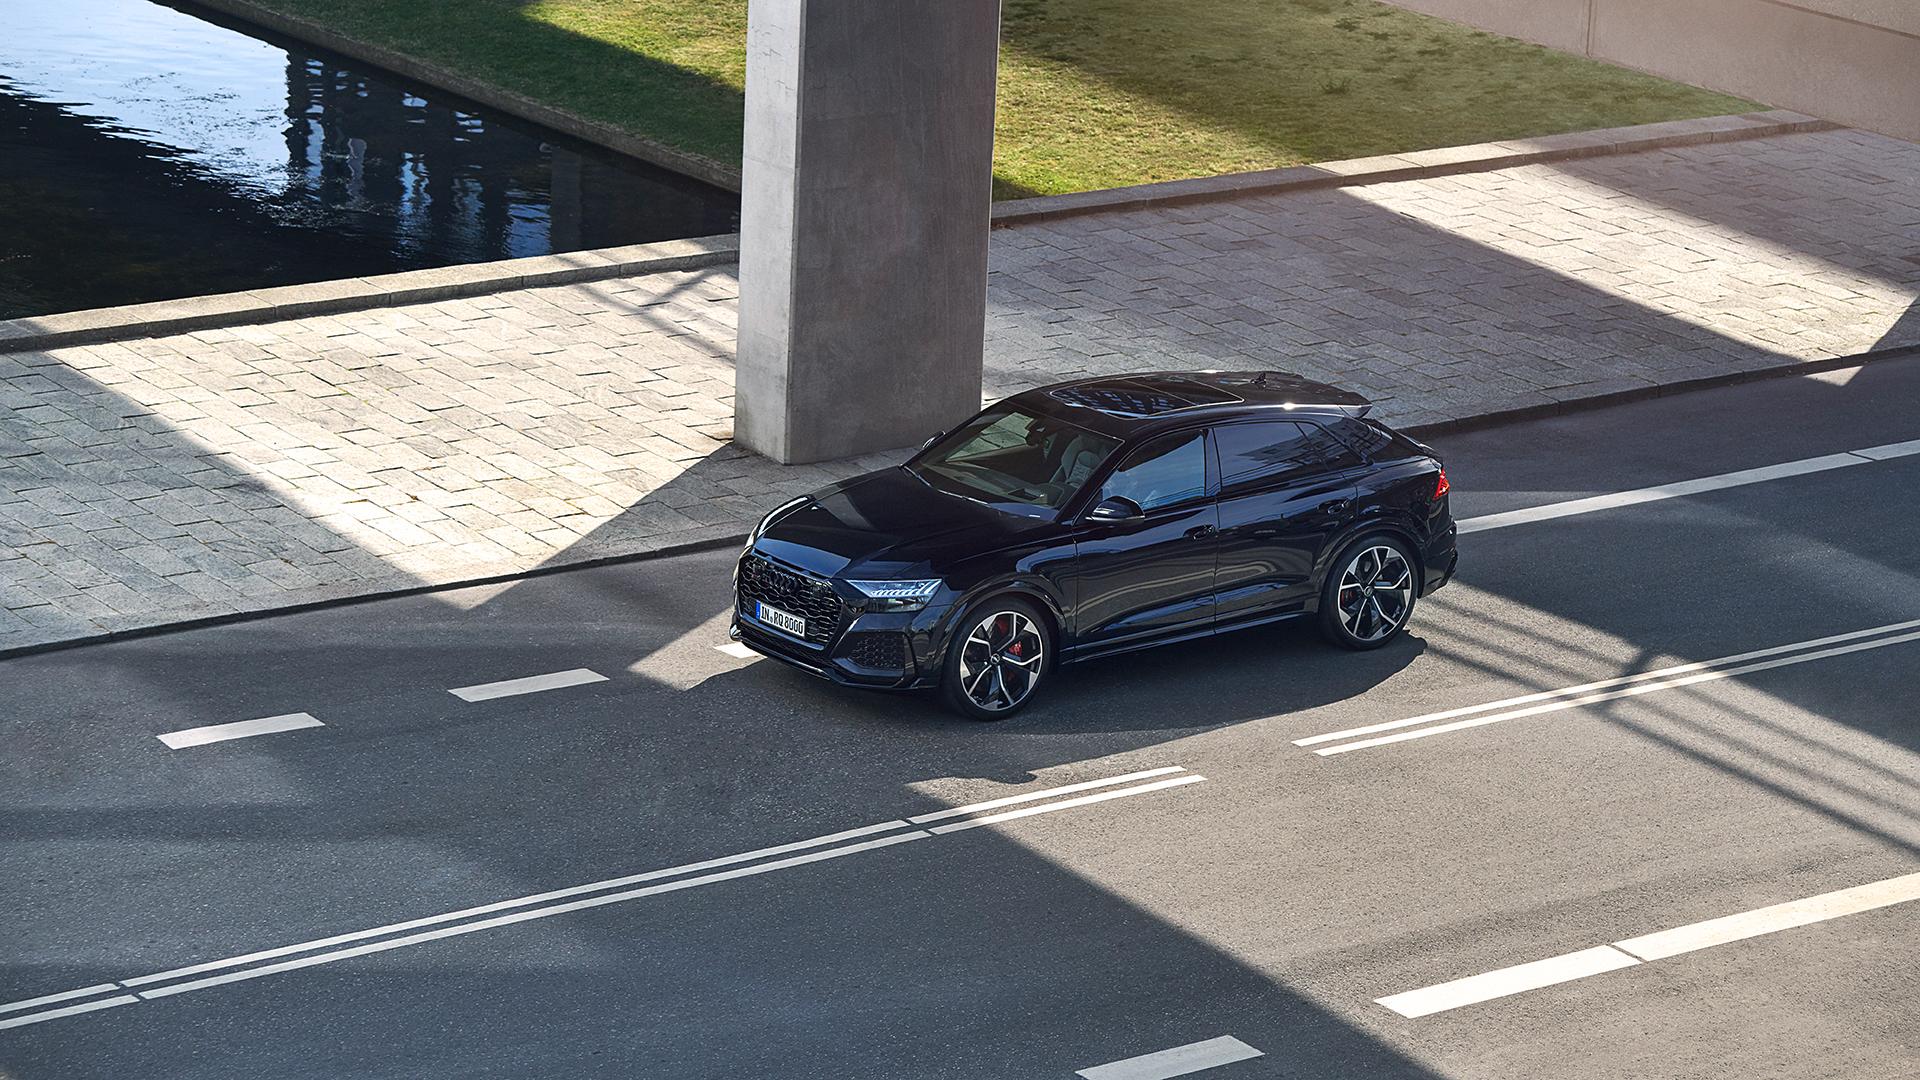 Audi RS Q8 športne orka-črne barve na ulici.